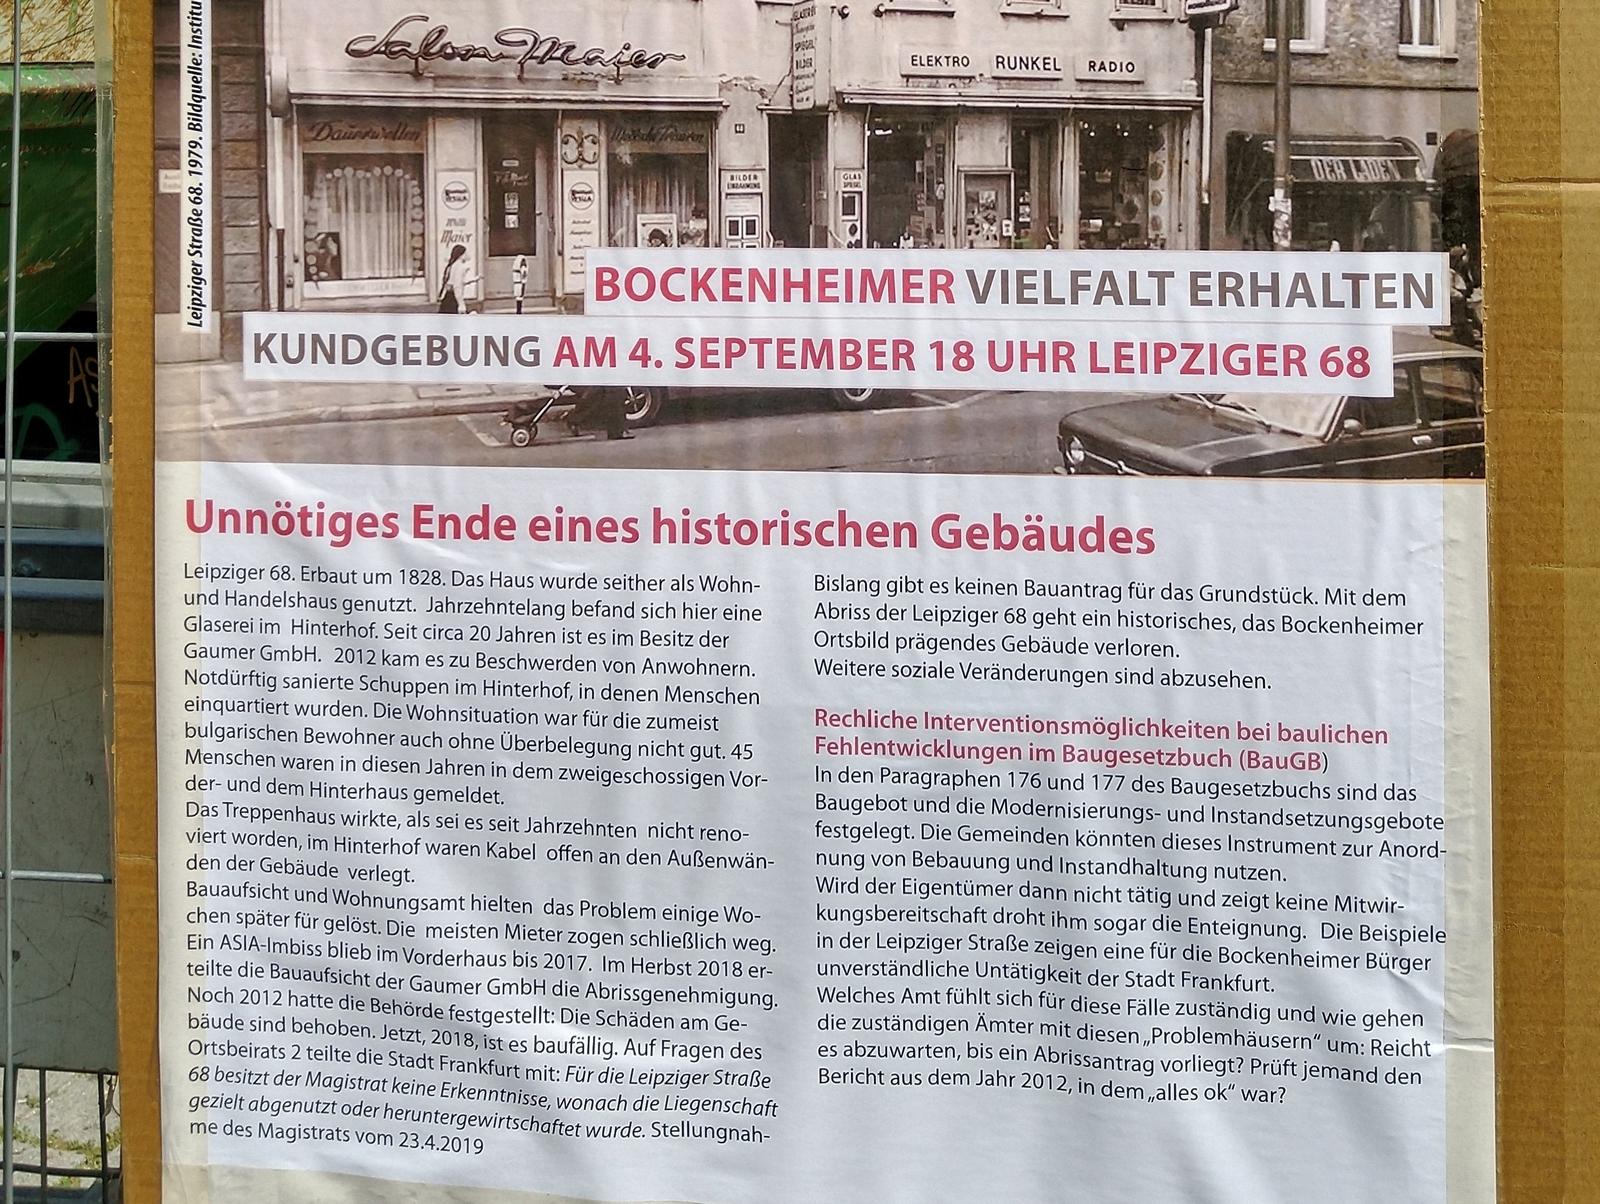 Bild: https://www.deutsches-architektur-forum.de/pics/schmittchen/4024_leipziger_strasse_68.jpg